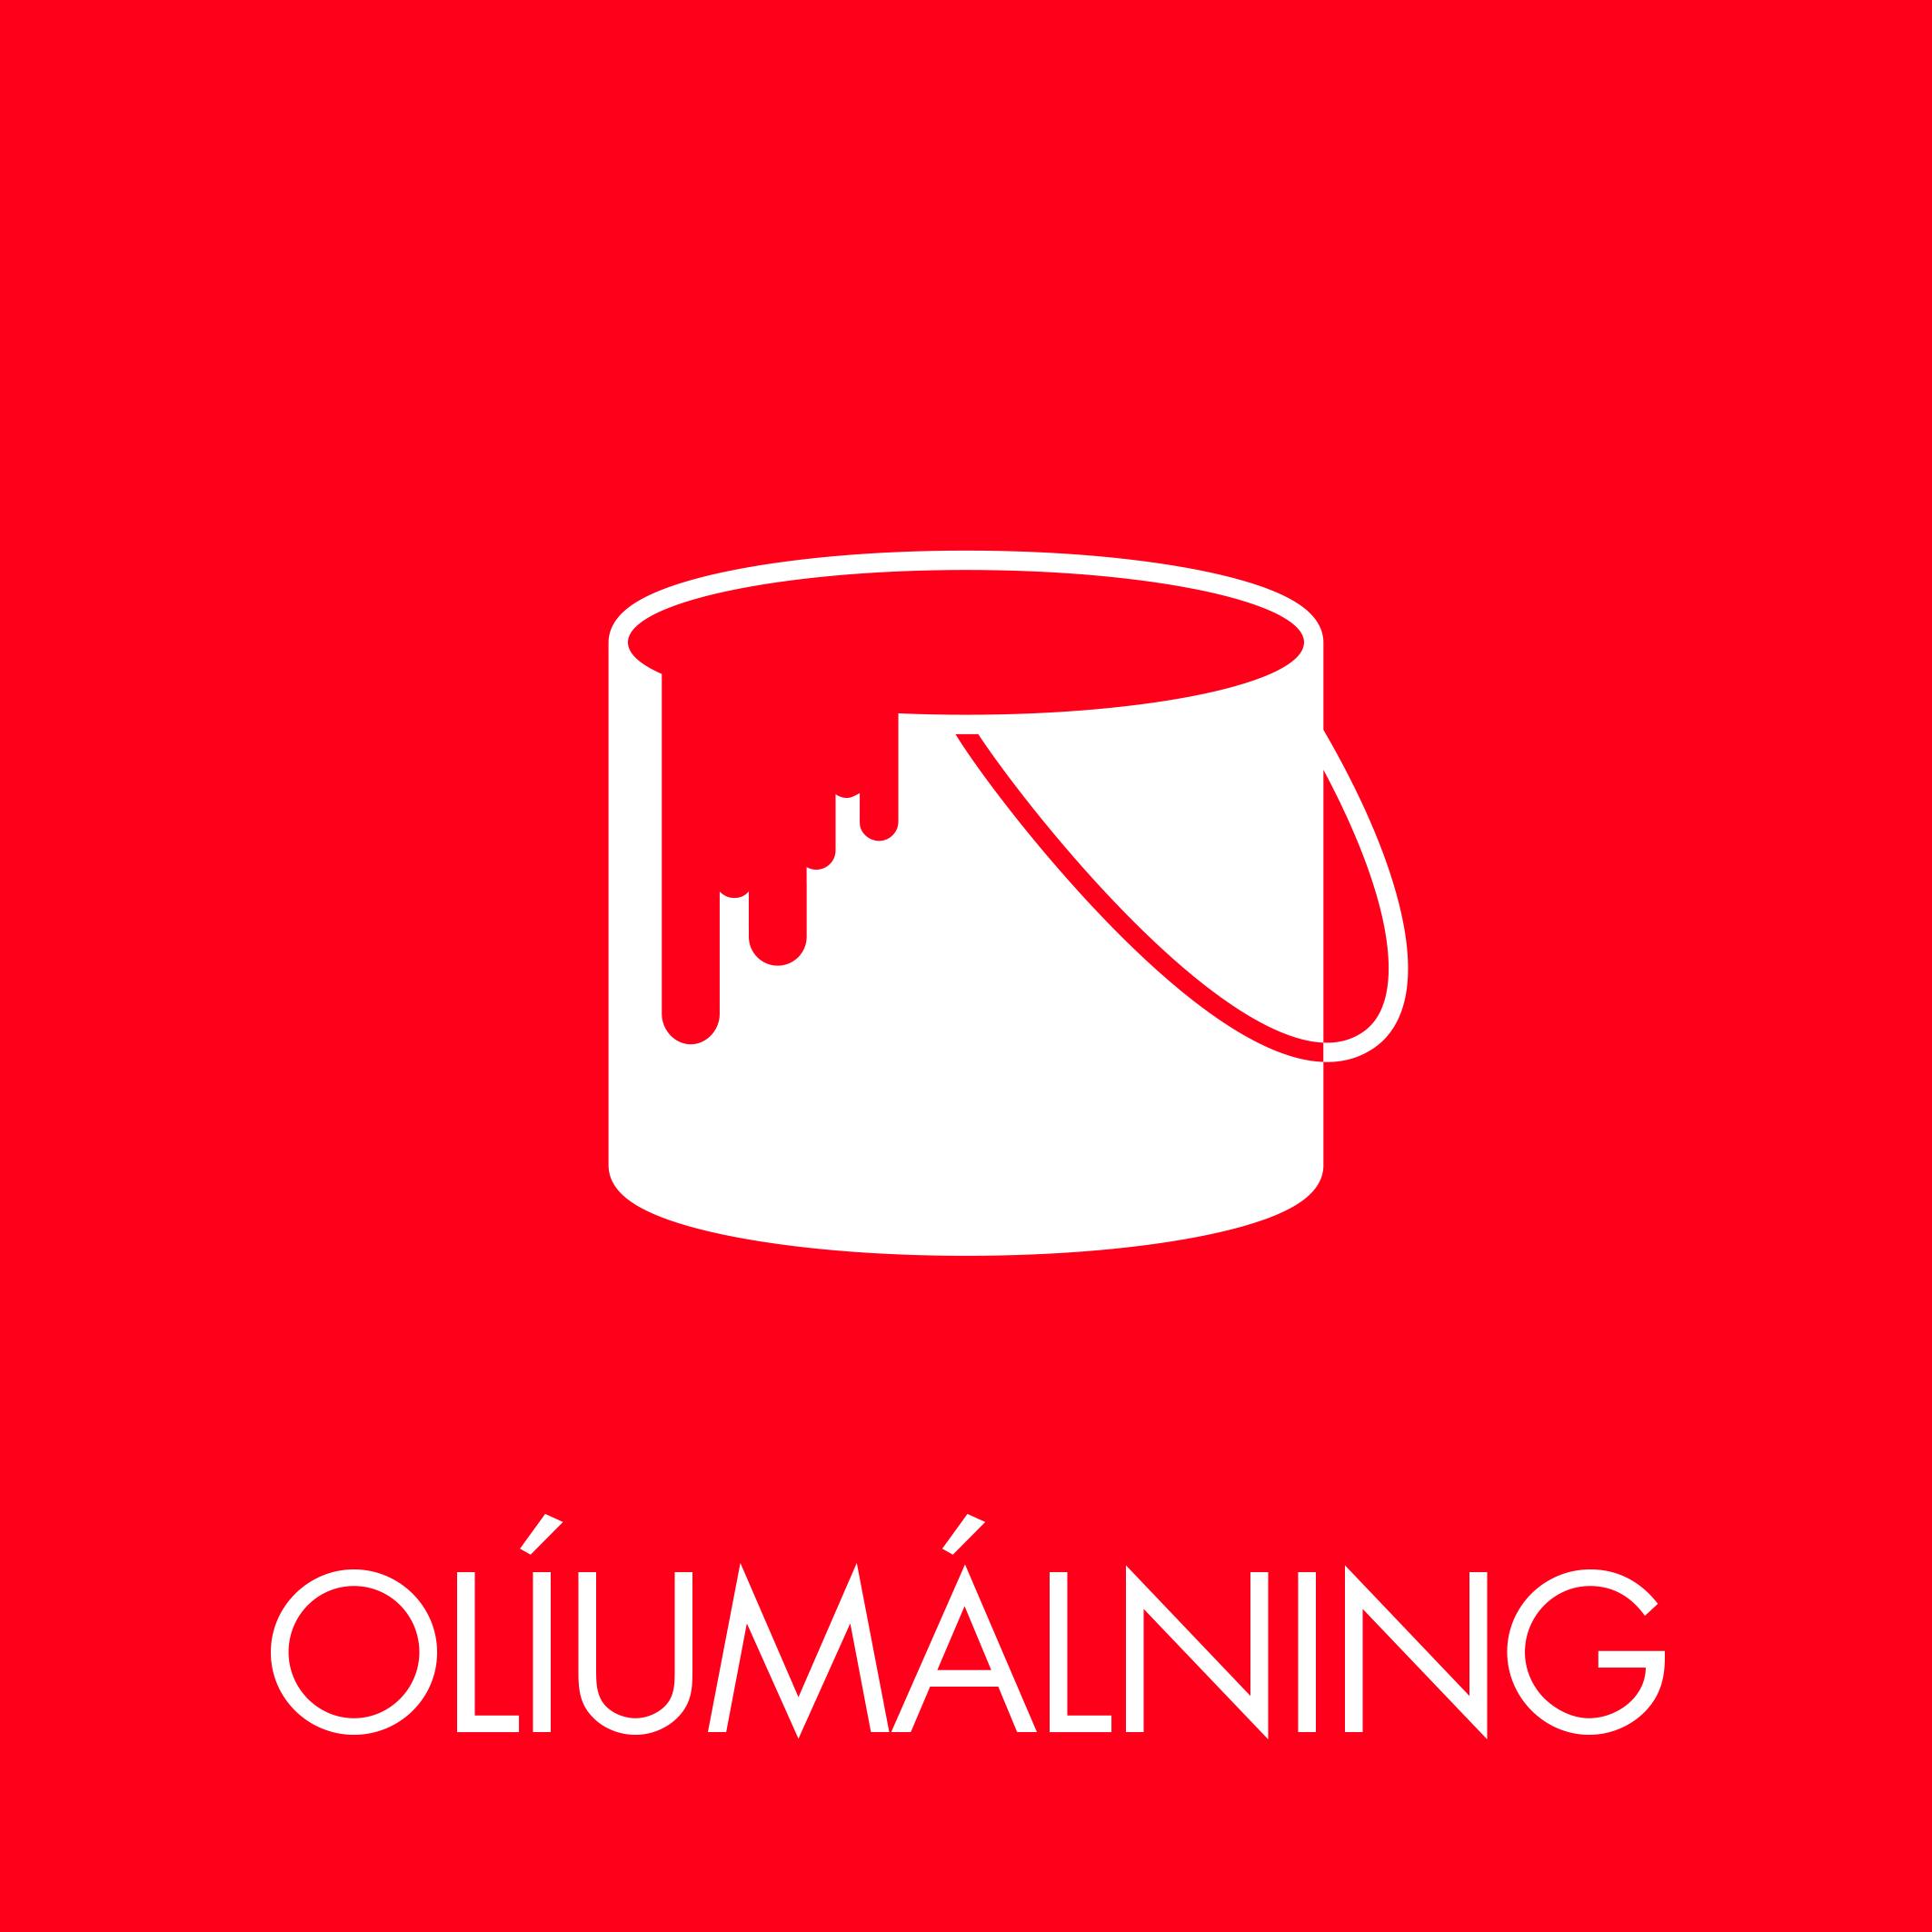 Olíumálning